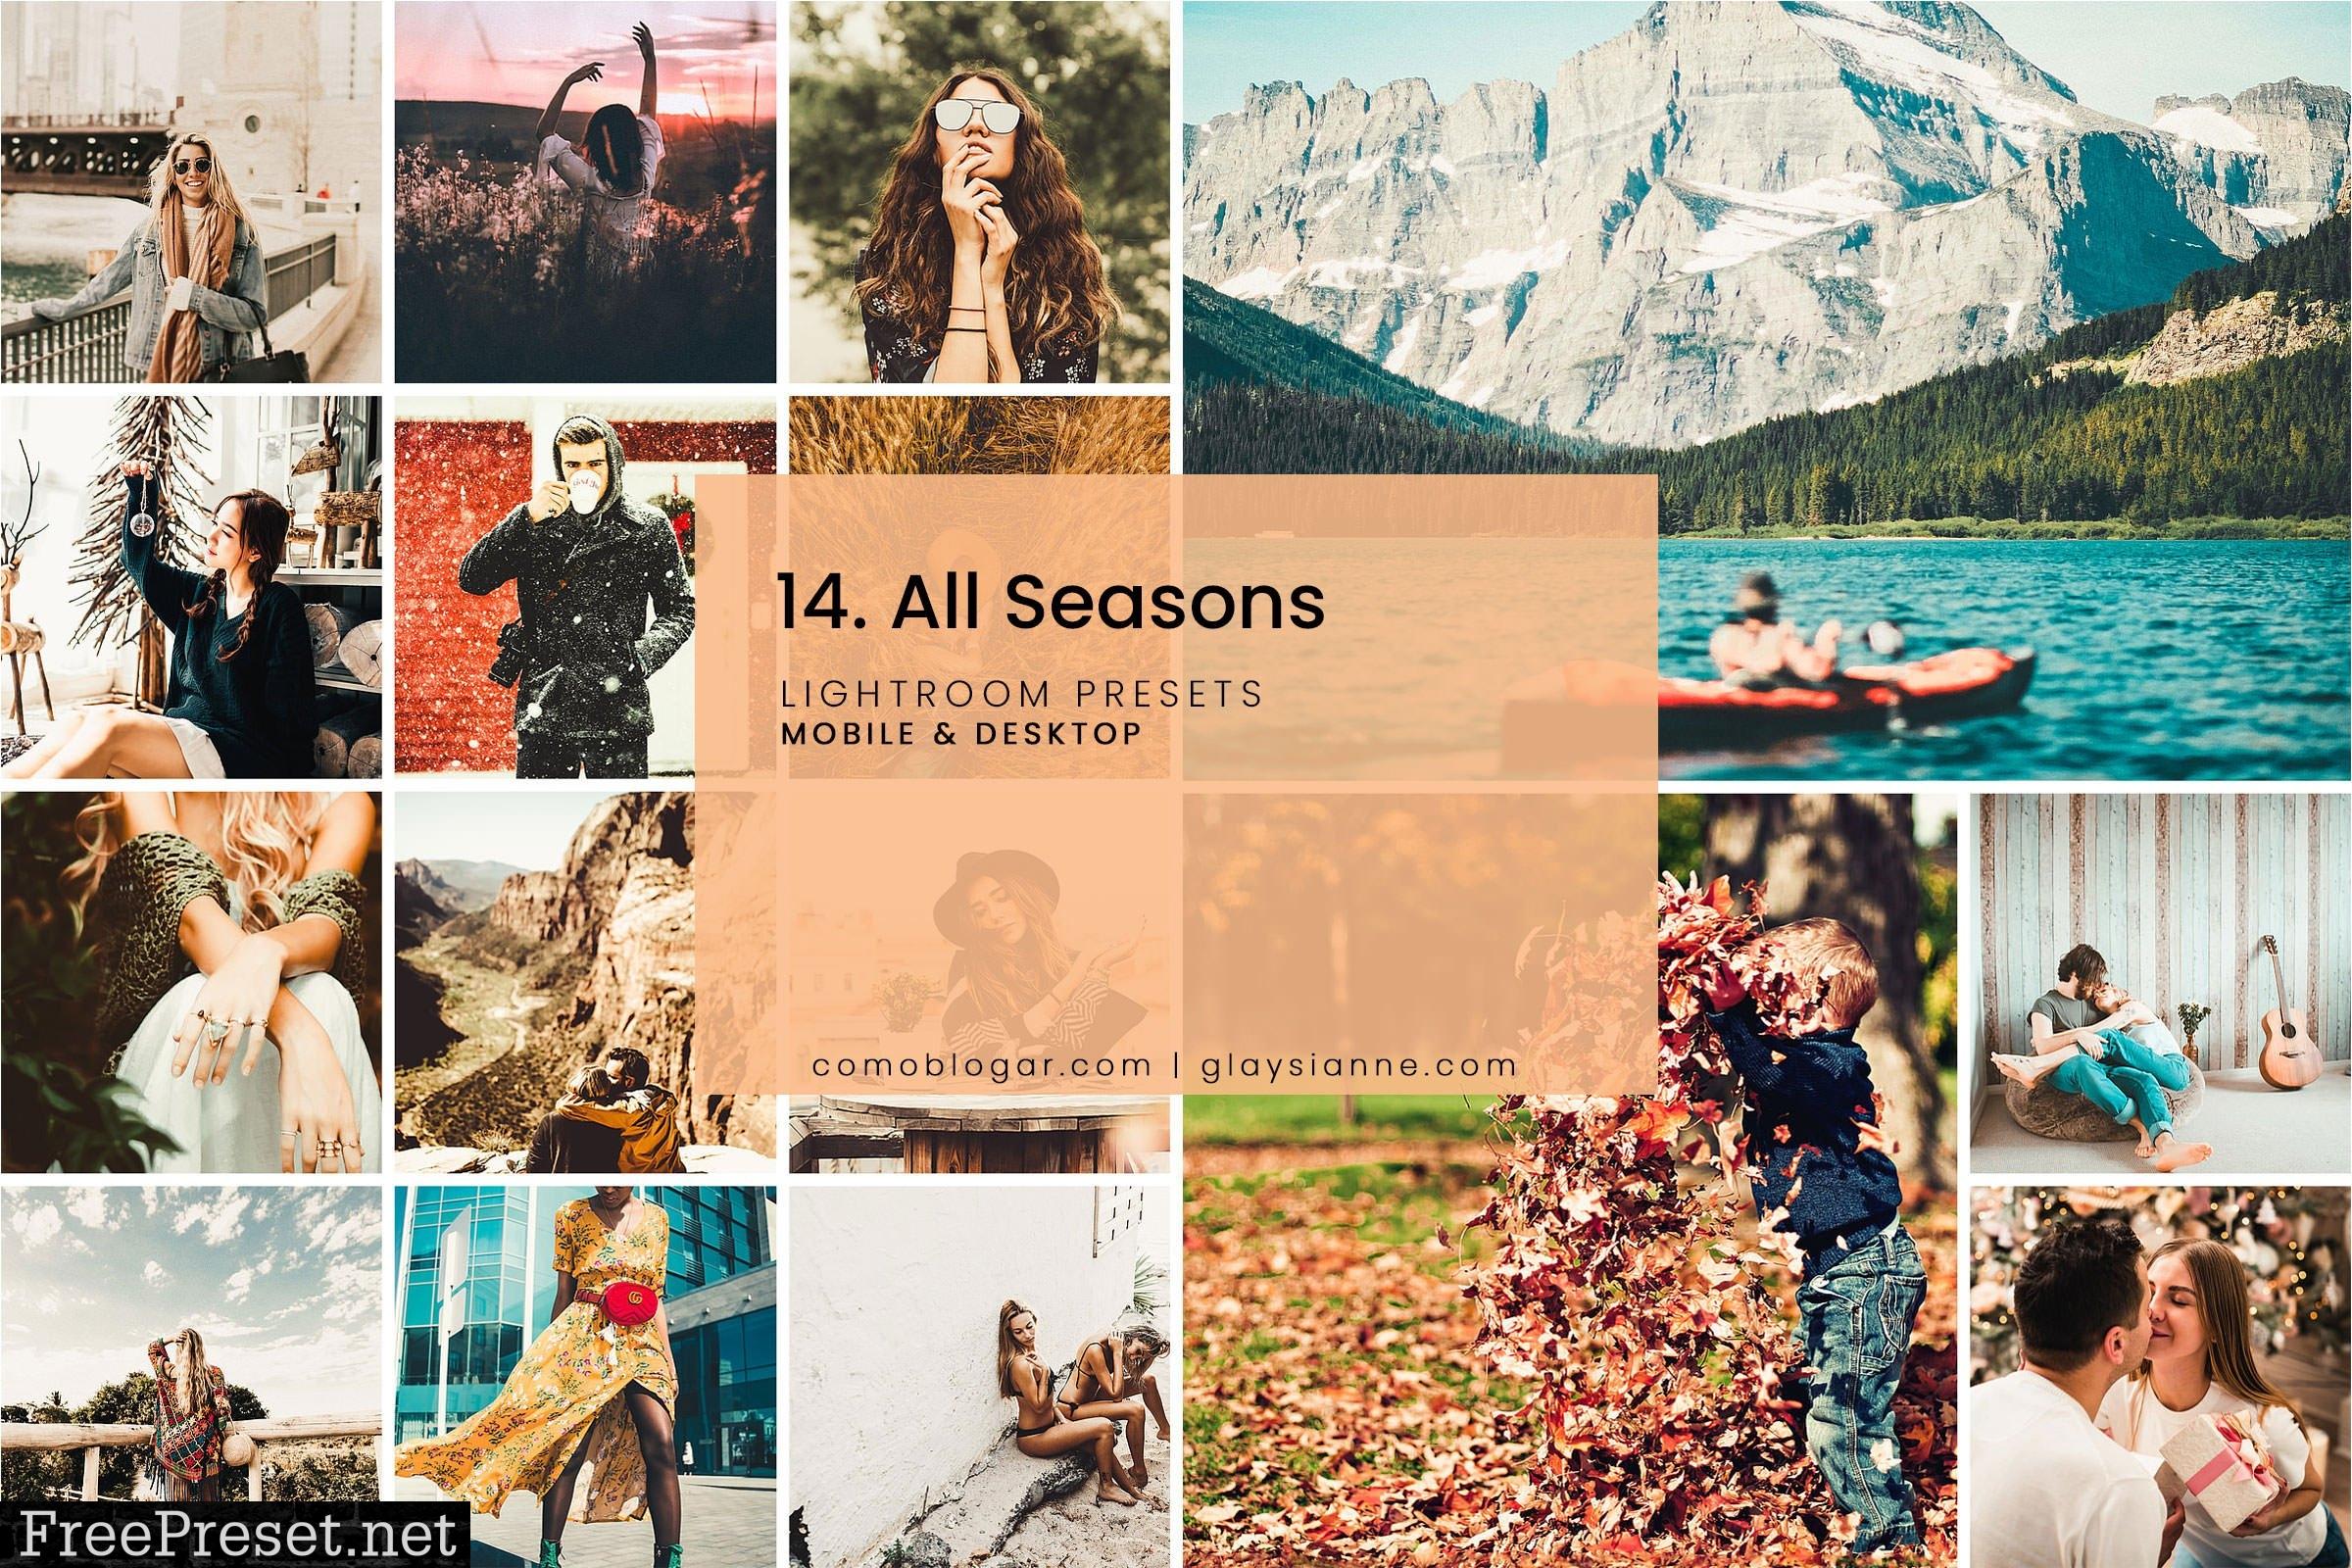 14. All Seasons - Lightroom Presets